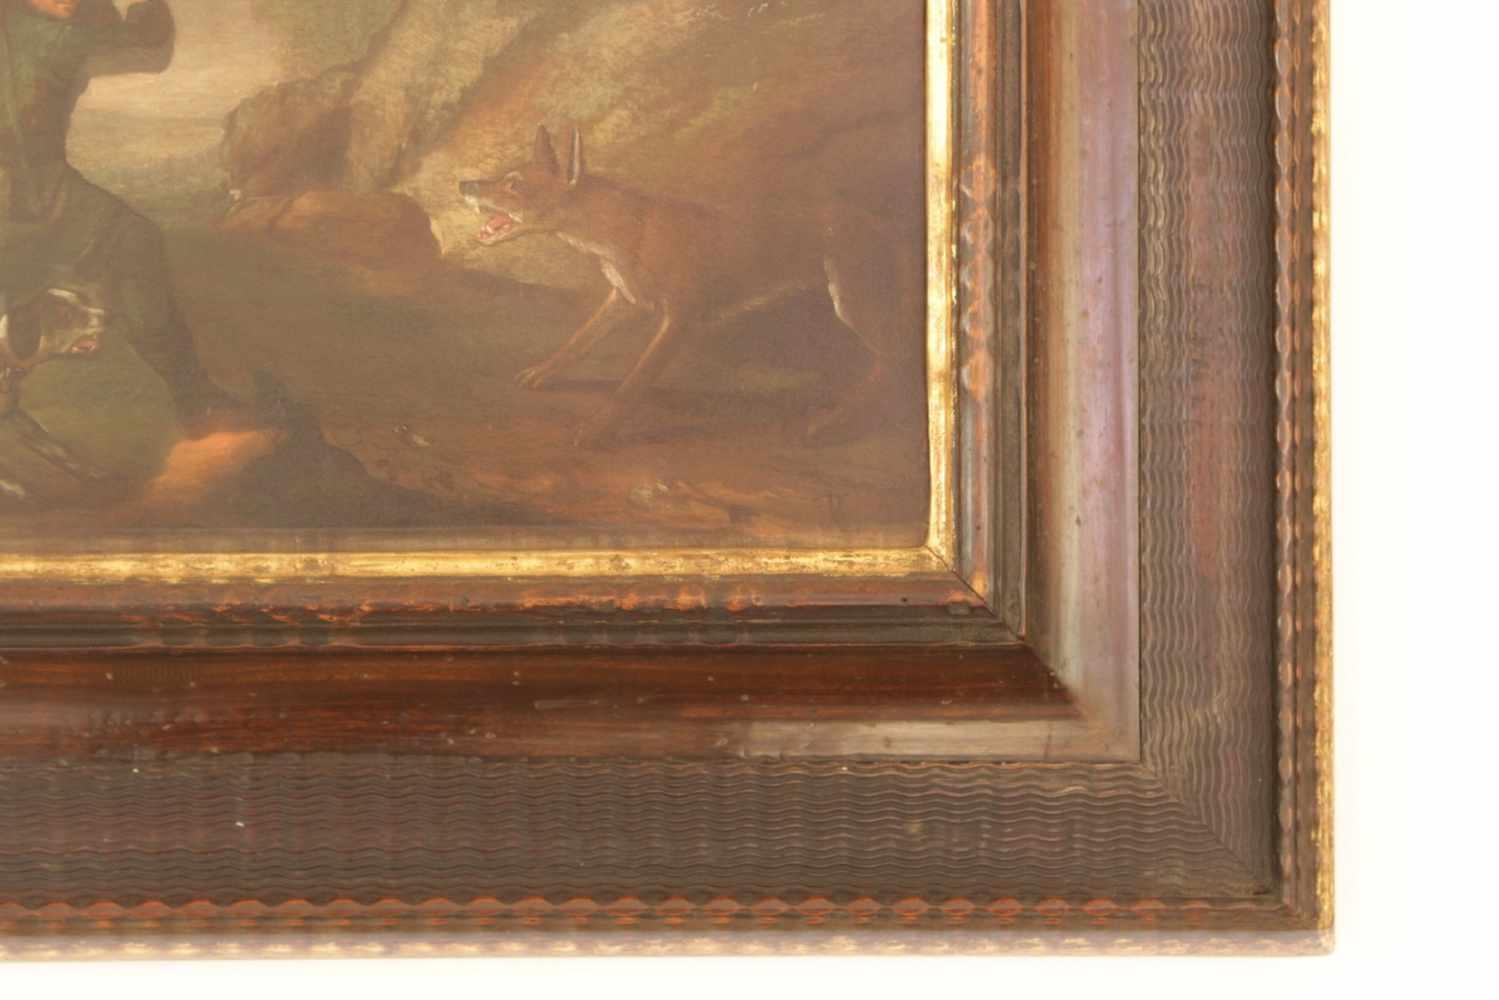 ZWEI JAGDBILDER 2 Jagdbilder, Öl auf Kupfer, 17. Jhdt., 41 x 28 cm - Image 2 of 3